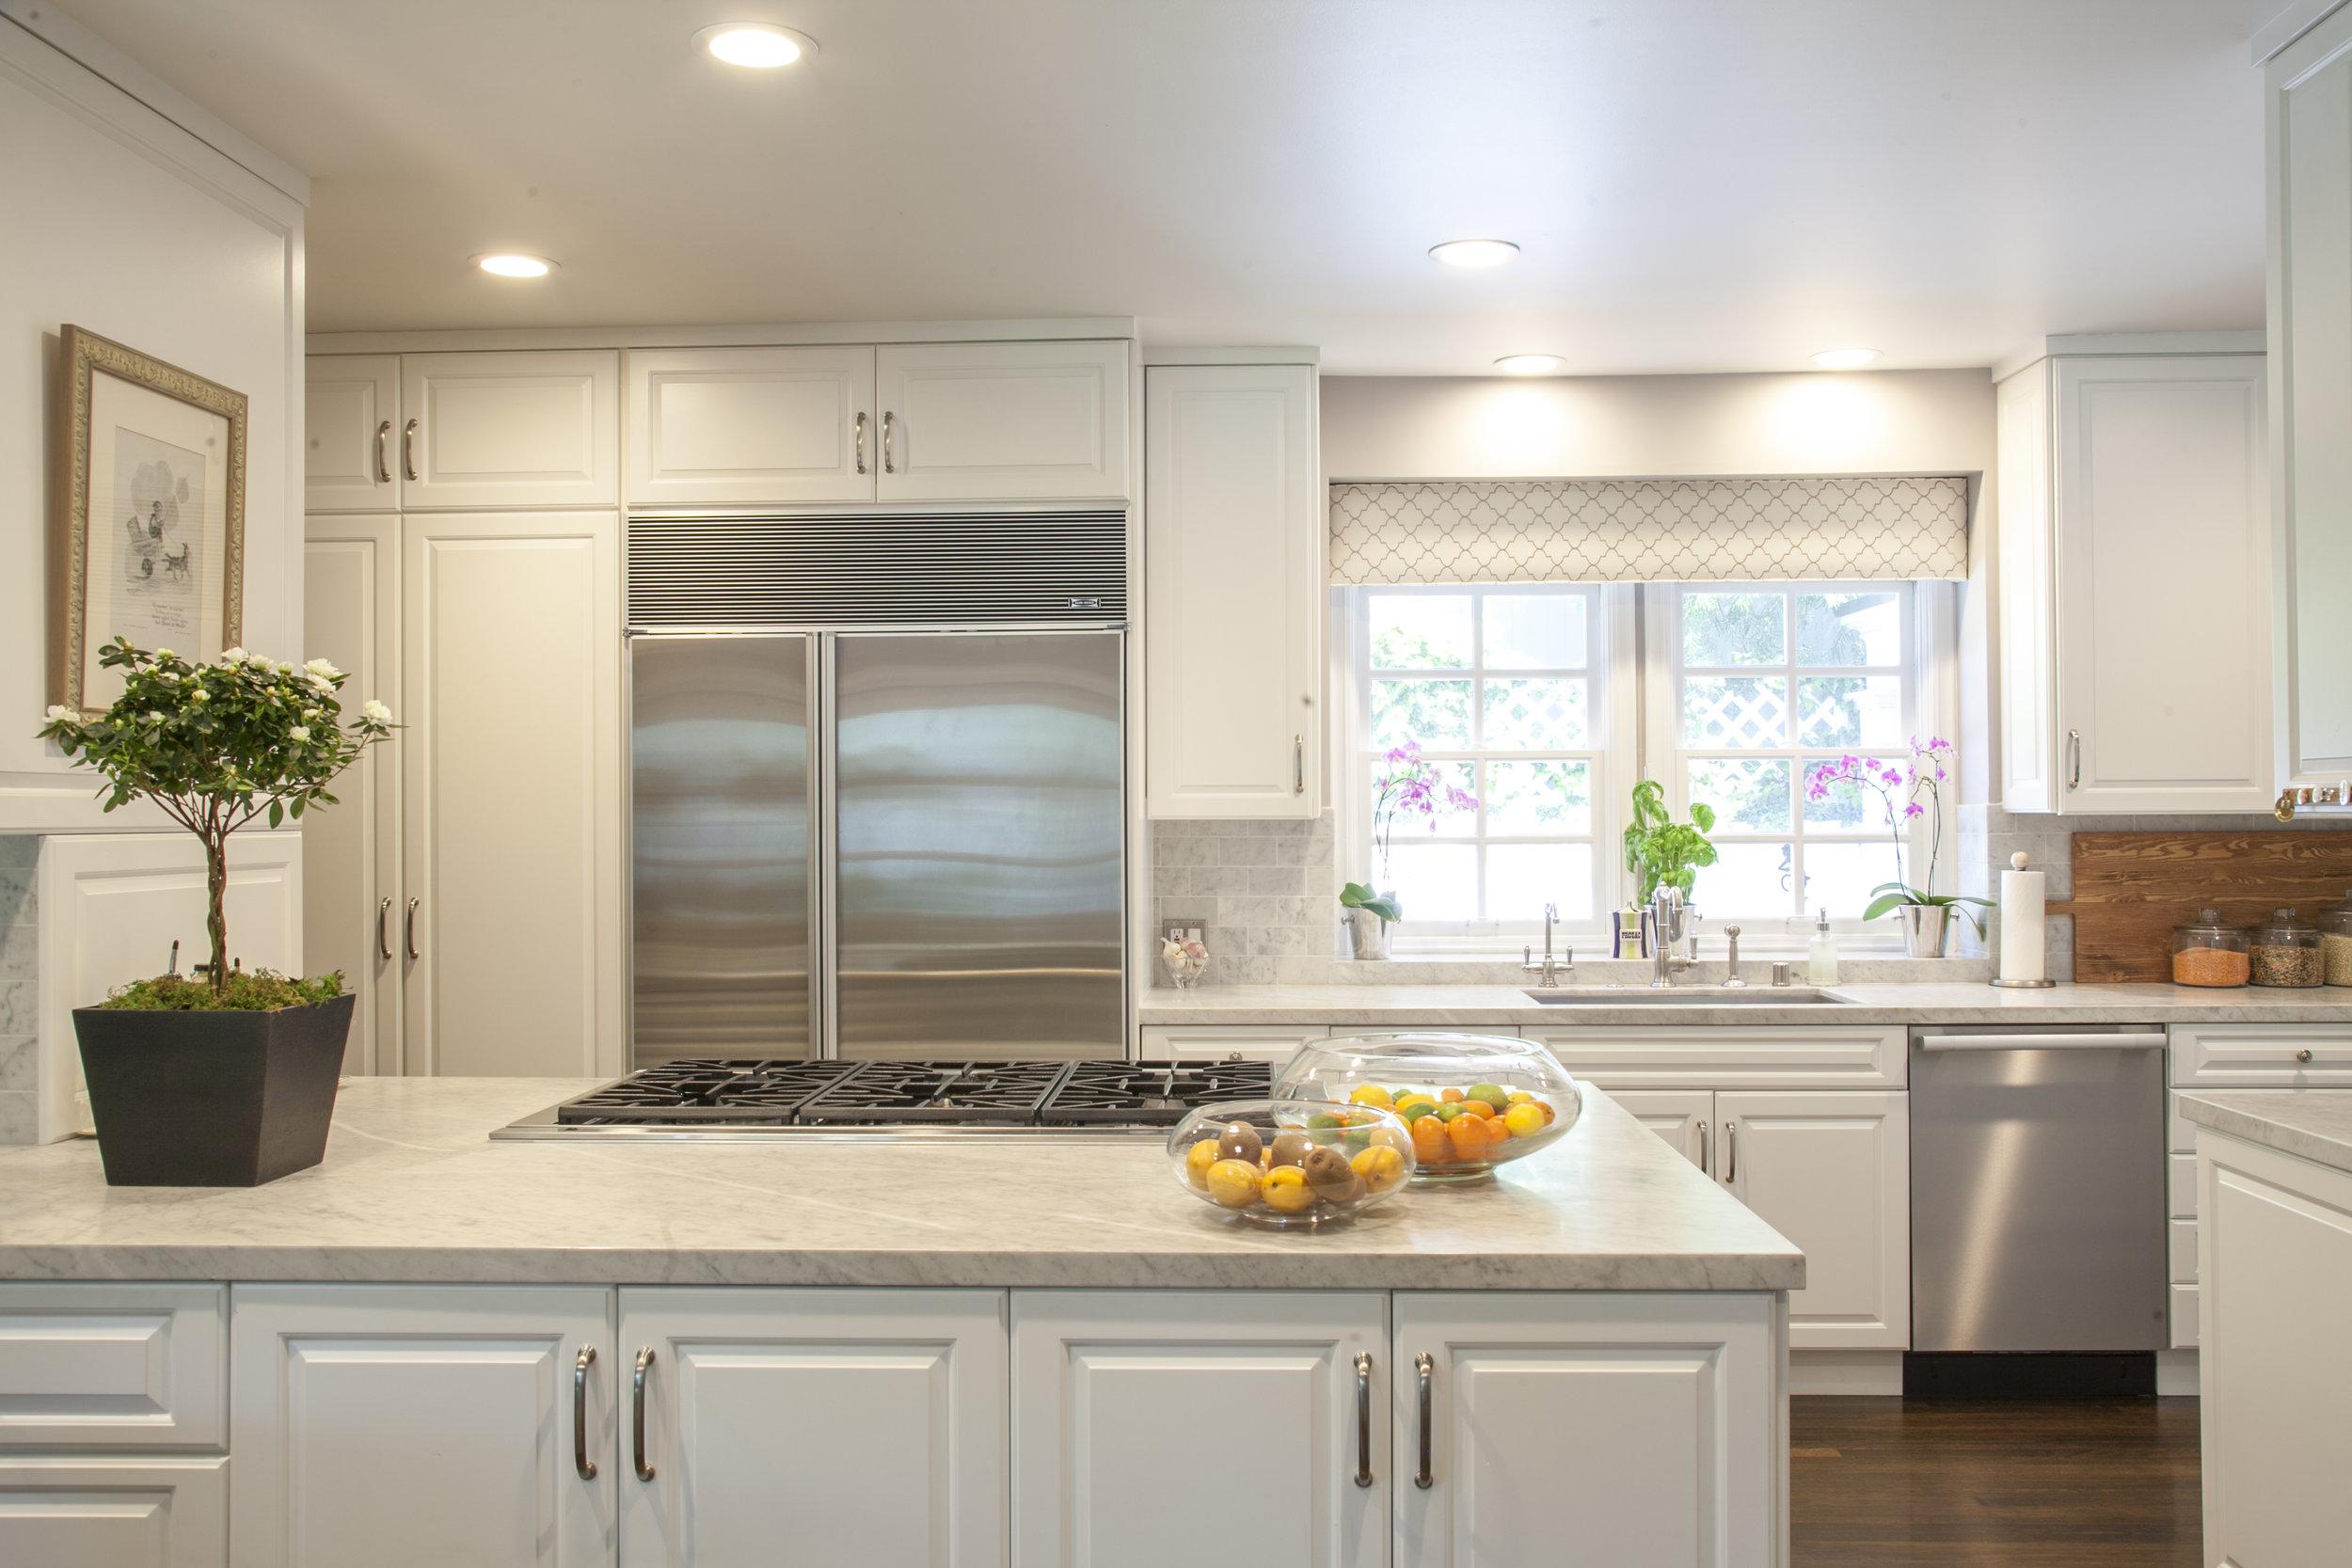 An organized kitchen is a happy kitchen.